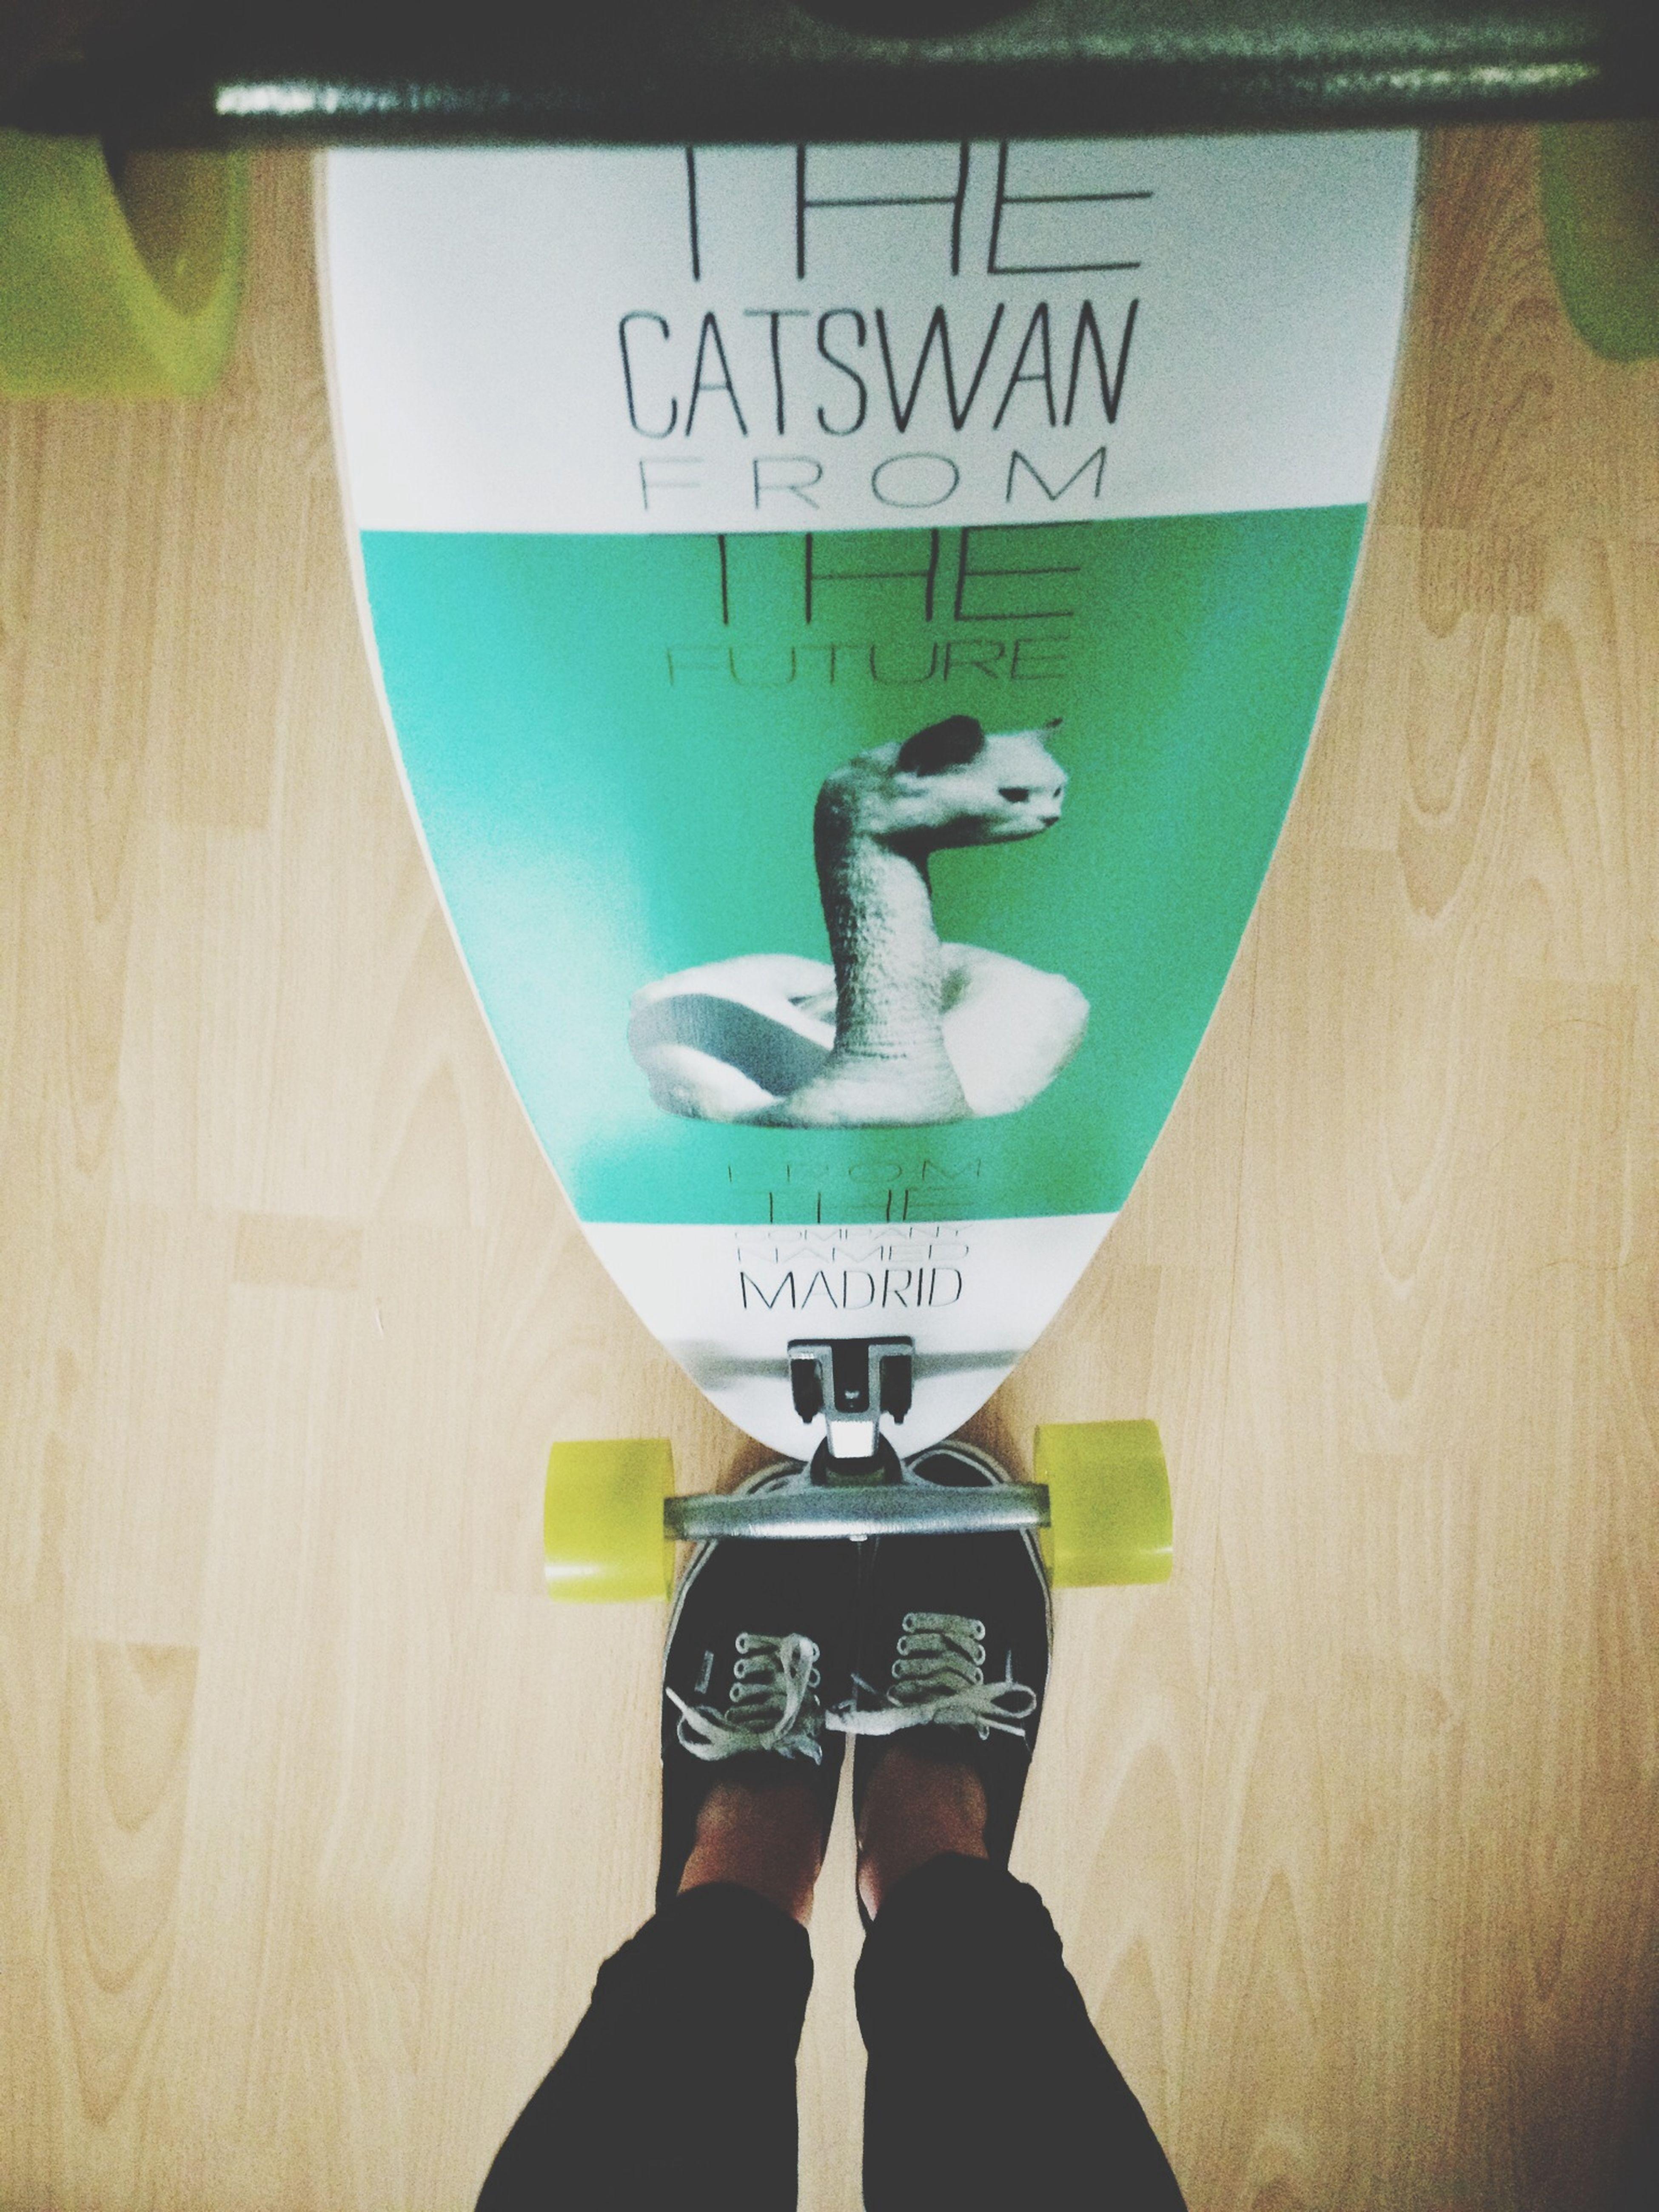 Vans Madrid Catswan Longboarding